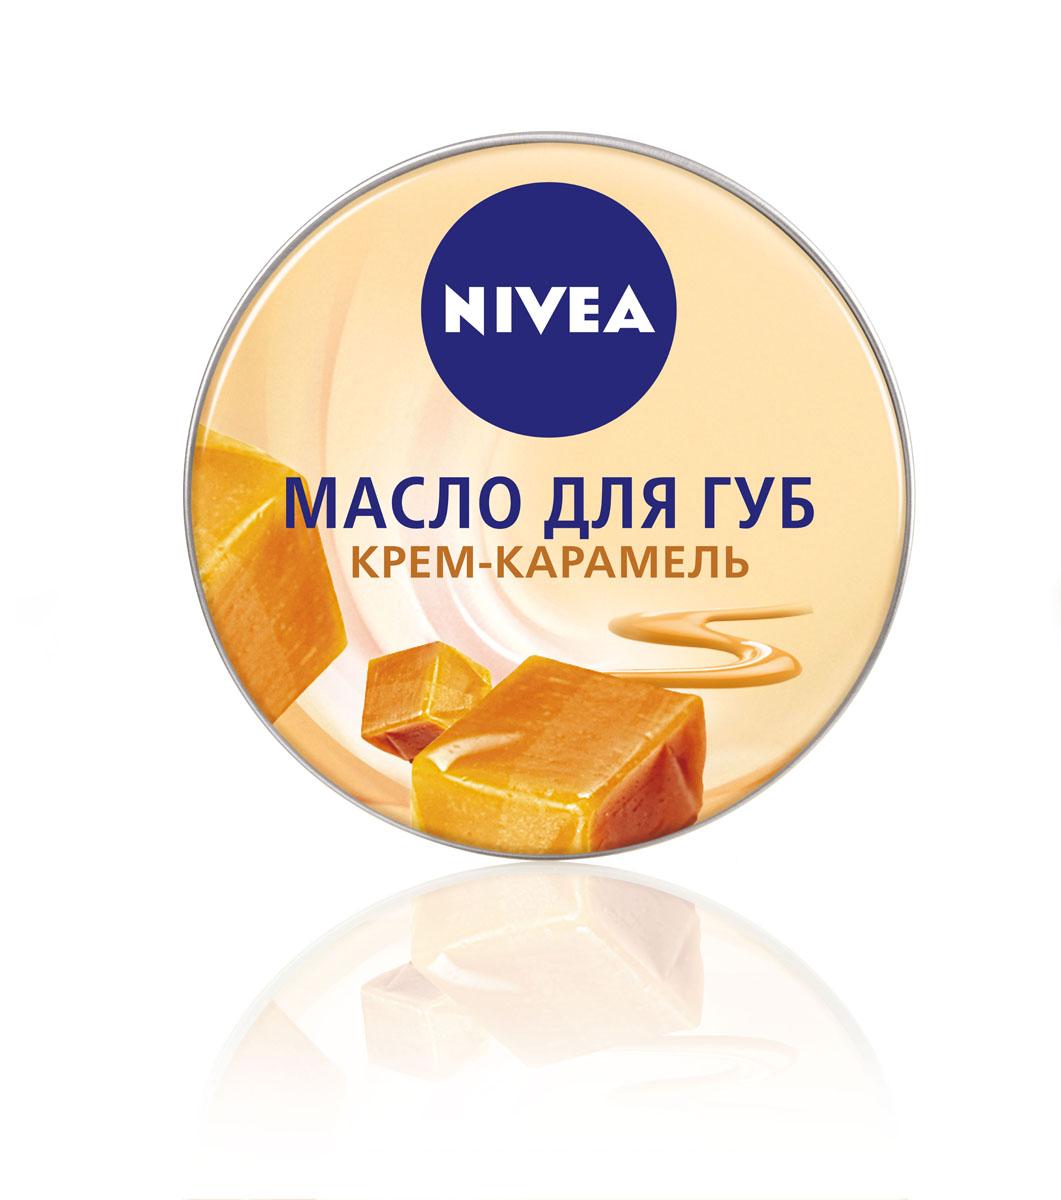 NIVEA Масло для губ Крем-карамель